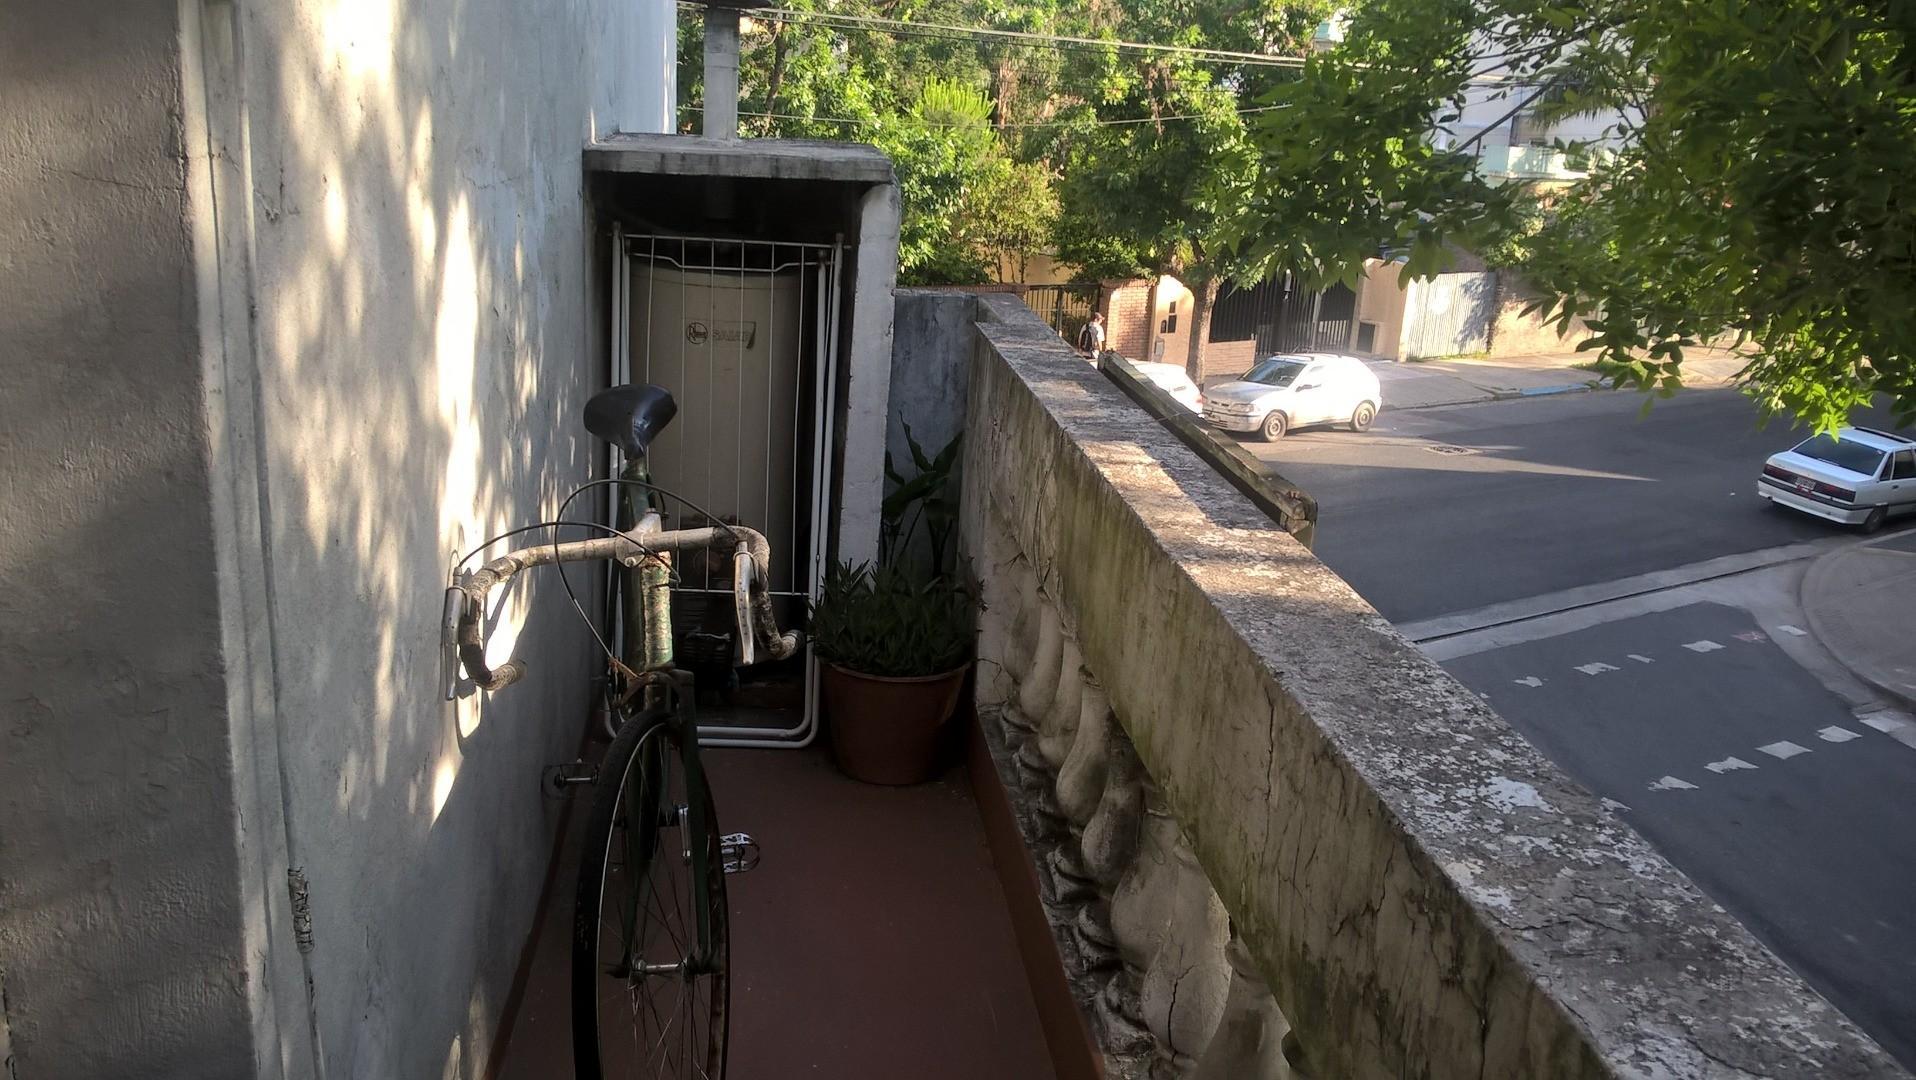 Departamento tipo casa 2 amb- 1er piso al frente sin expensas APTO CREDITO BANCARIO . Zona Floresta